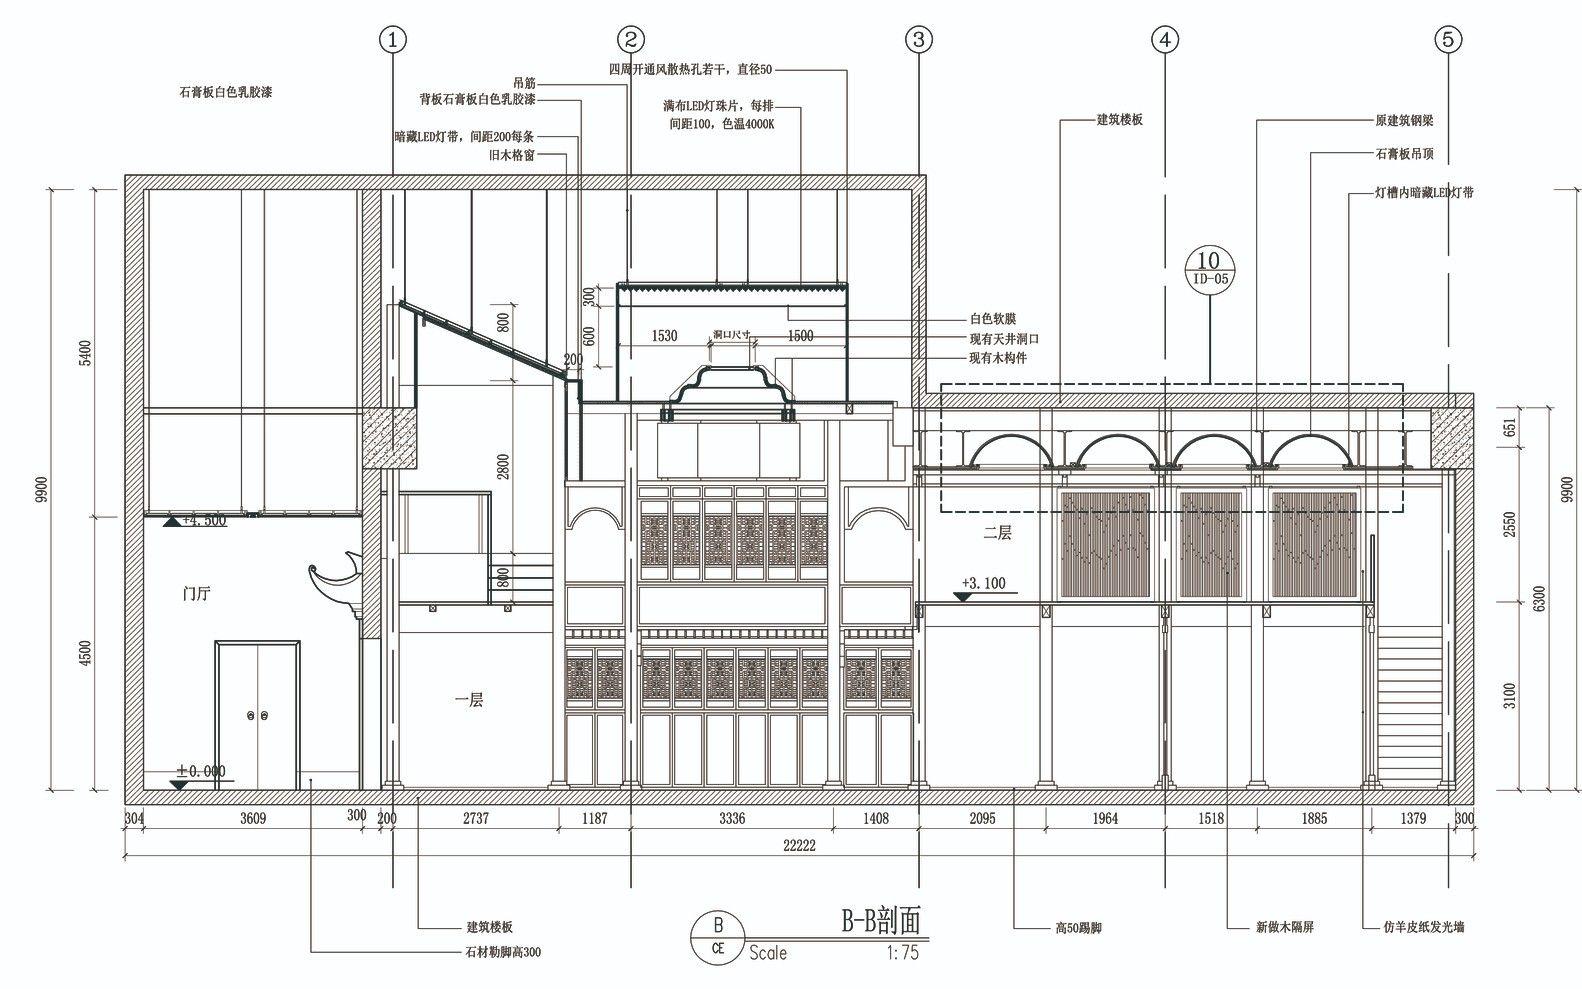 徽派古宅·上海喜玛拉雅美术馆藏宝楼 | 善祥设计